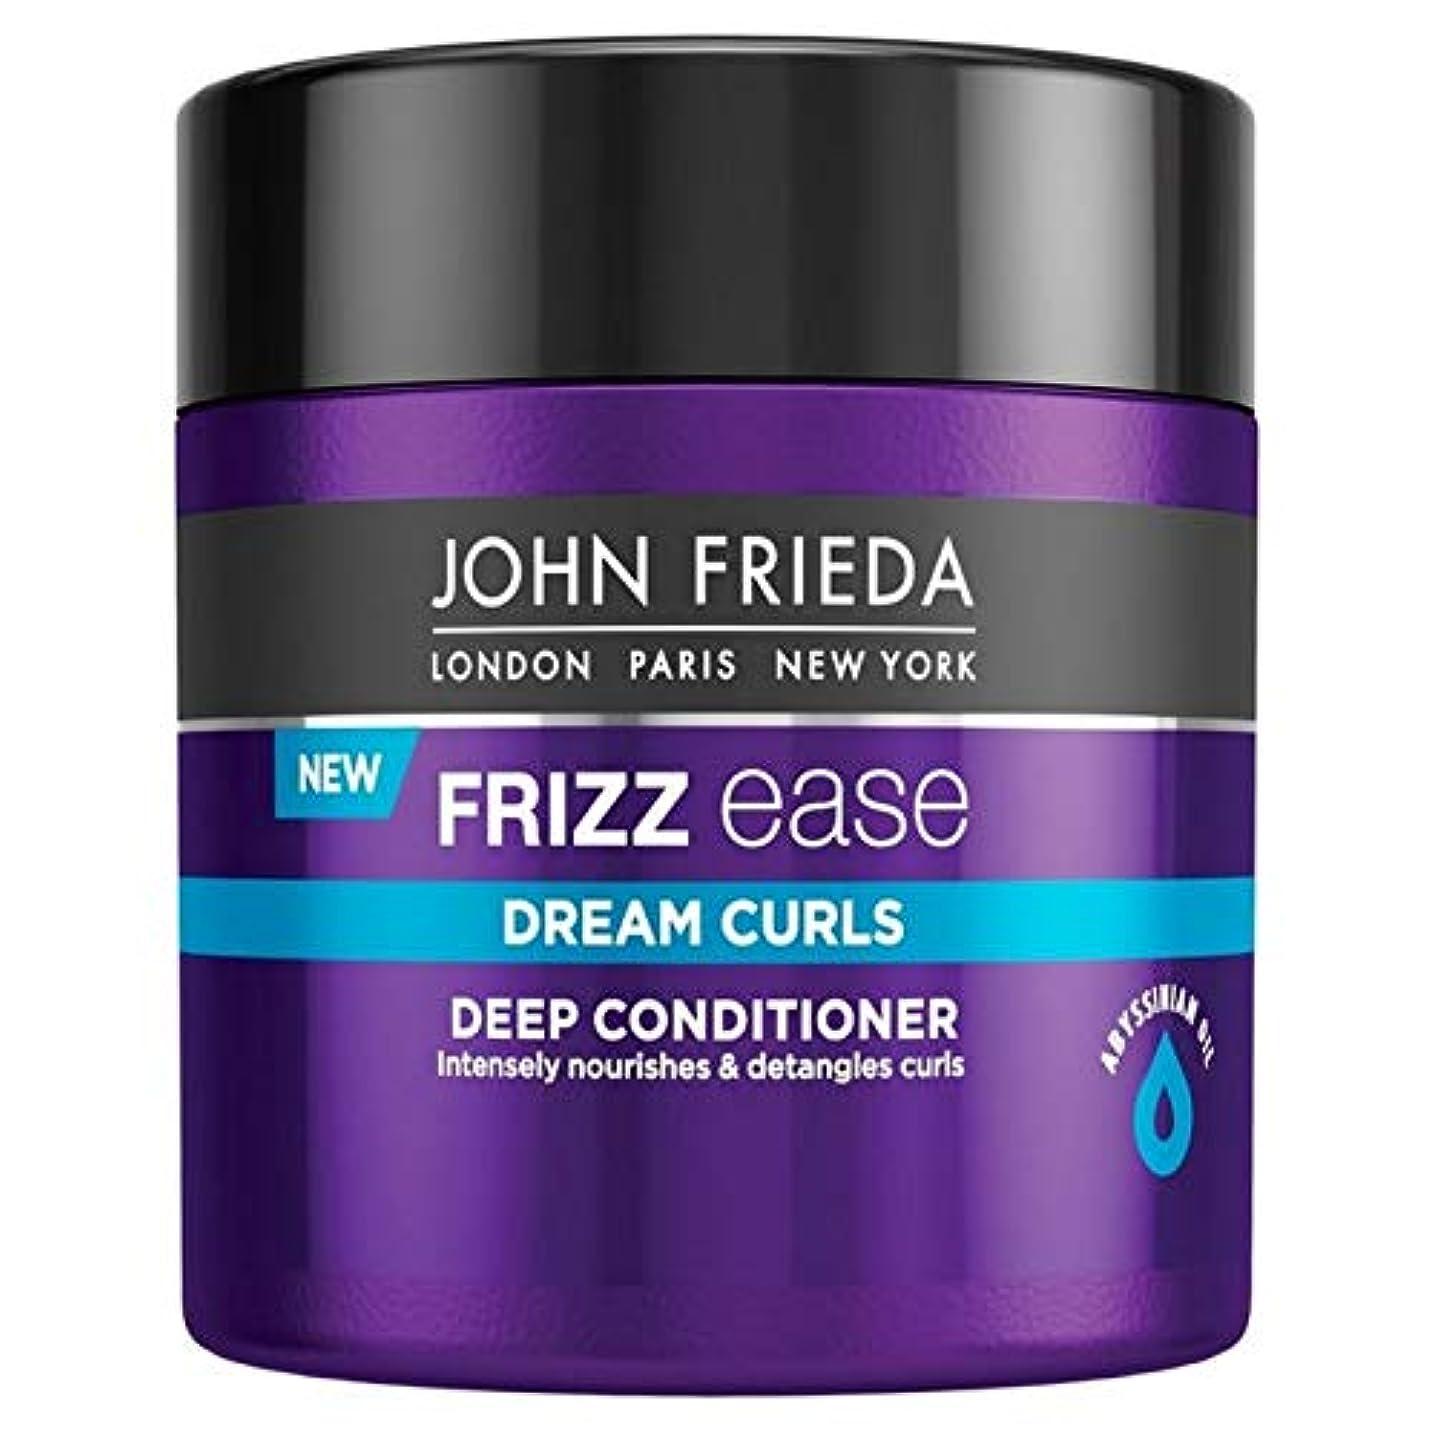 降伏不安定な時々[John Frieda ] ジョン?フリーダ縮れ容易夢カール深いコンディショナー150ミリリットル - John Frieda Frizz Ease Dream Curls Deep Conditioner 150ml...